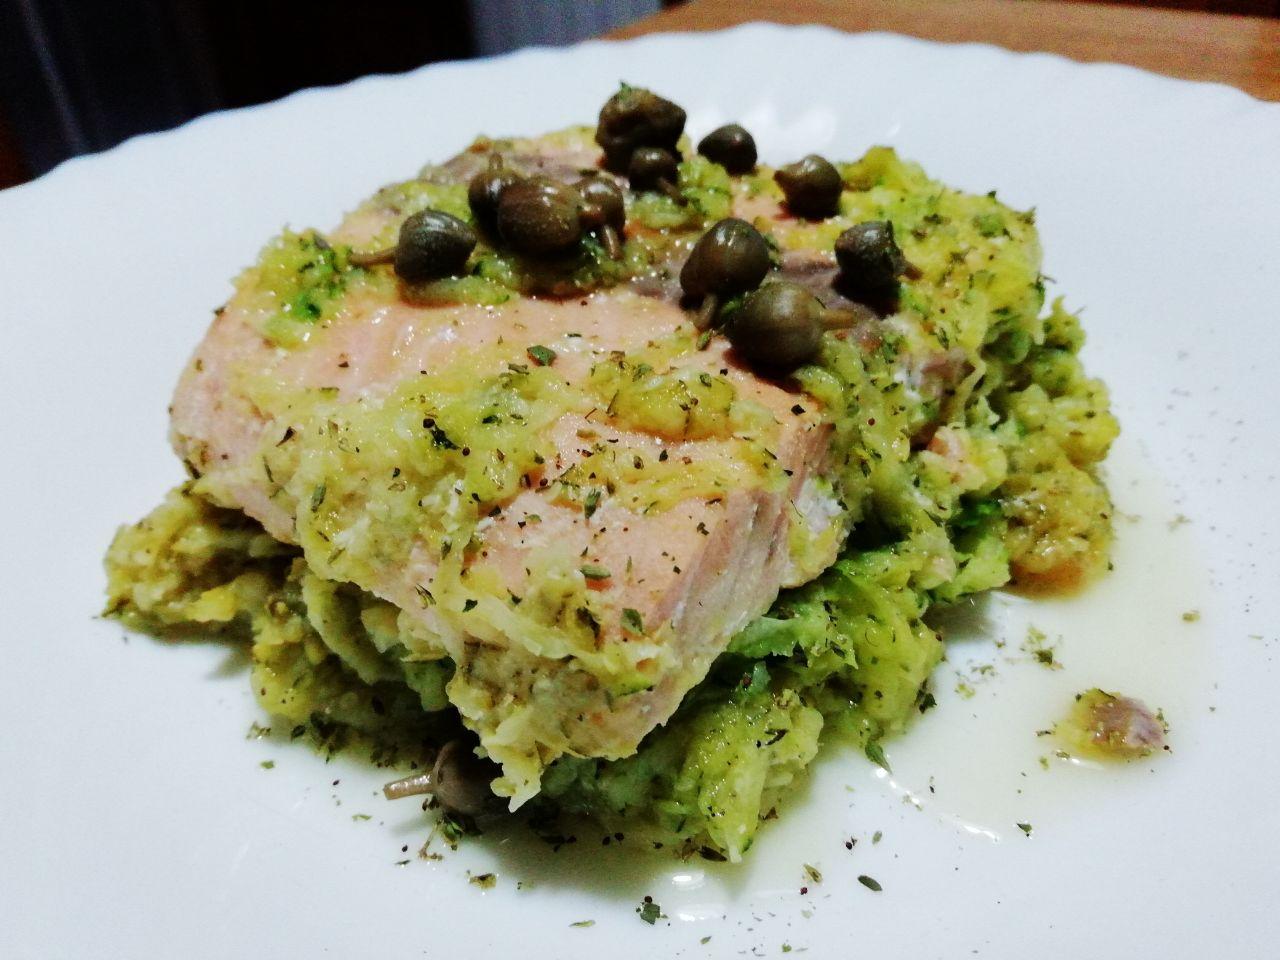 Secondi piatti a base di pesce: trancio di salmone con zucchine e capperi!